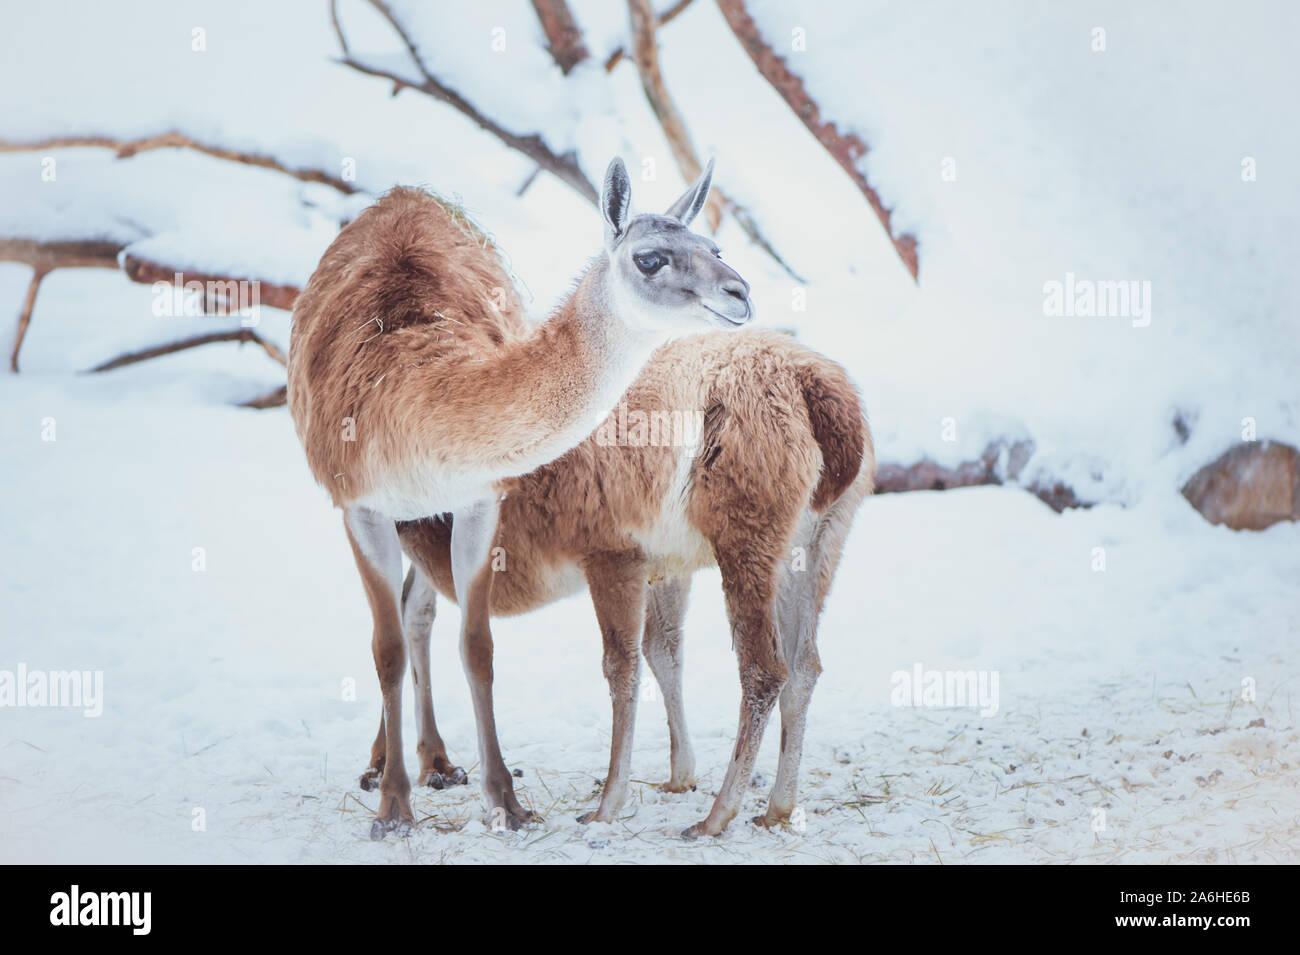 Zwei Guanacos, Mutter und Baby auf einer natürlichen Winter Hintergrund, Porträt Stockfoto